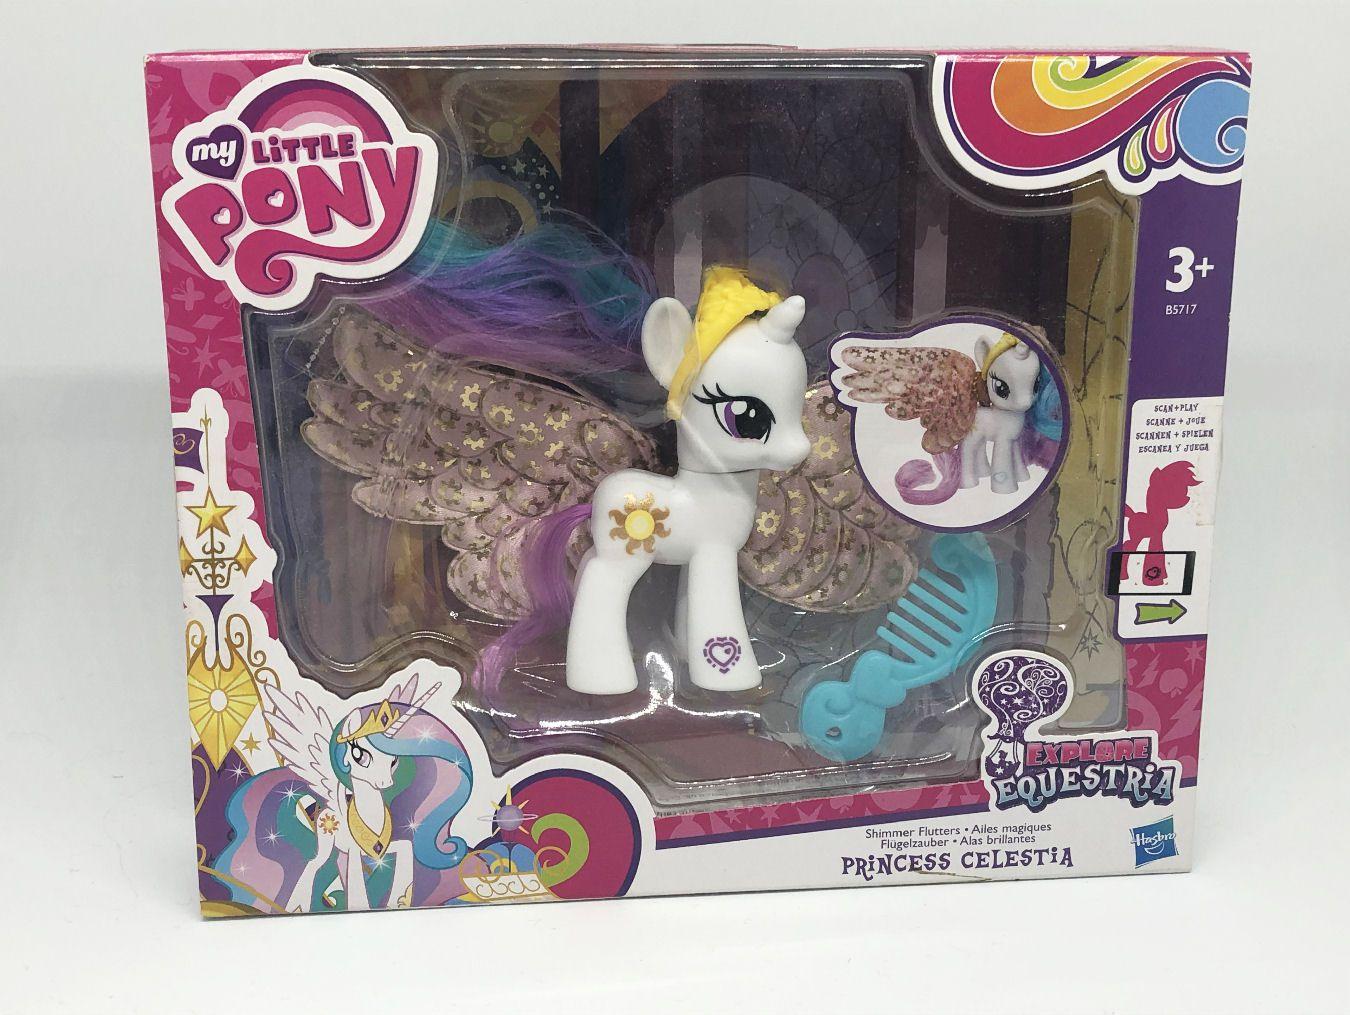 Princess Celestia (Explore Equestria) (1)